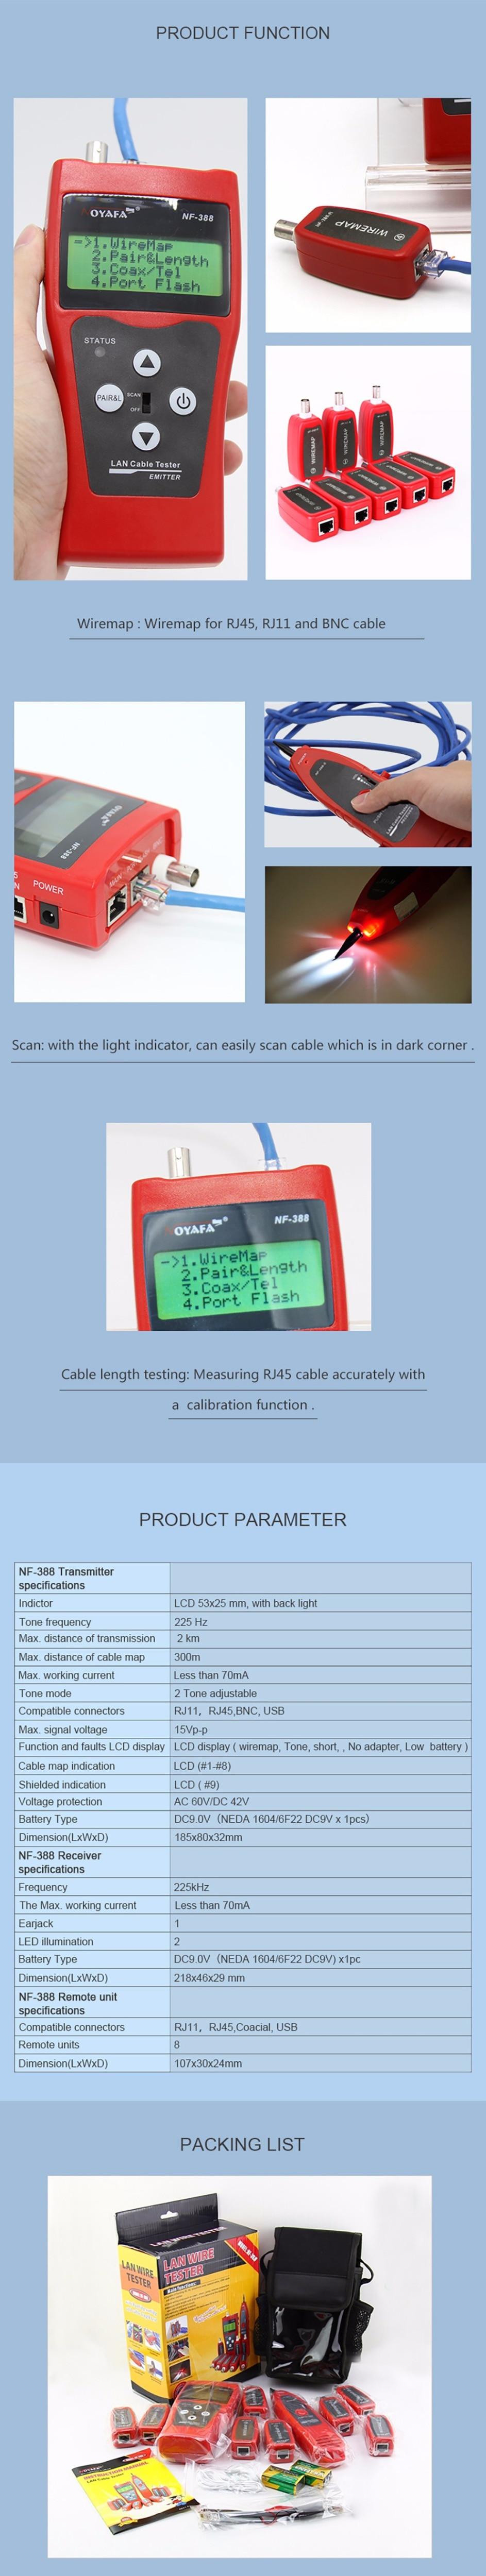 Pengiriman Gratis Noyafa Nf 388 Biru Lan Jaringan Kabel Tester Usb Adapter To Ethernet Rj45 Rj11 Untuk 8 Pc Port Versi Bahasa Inggris